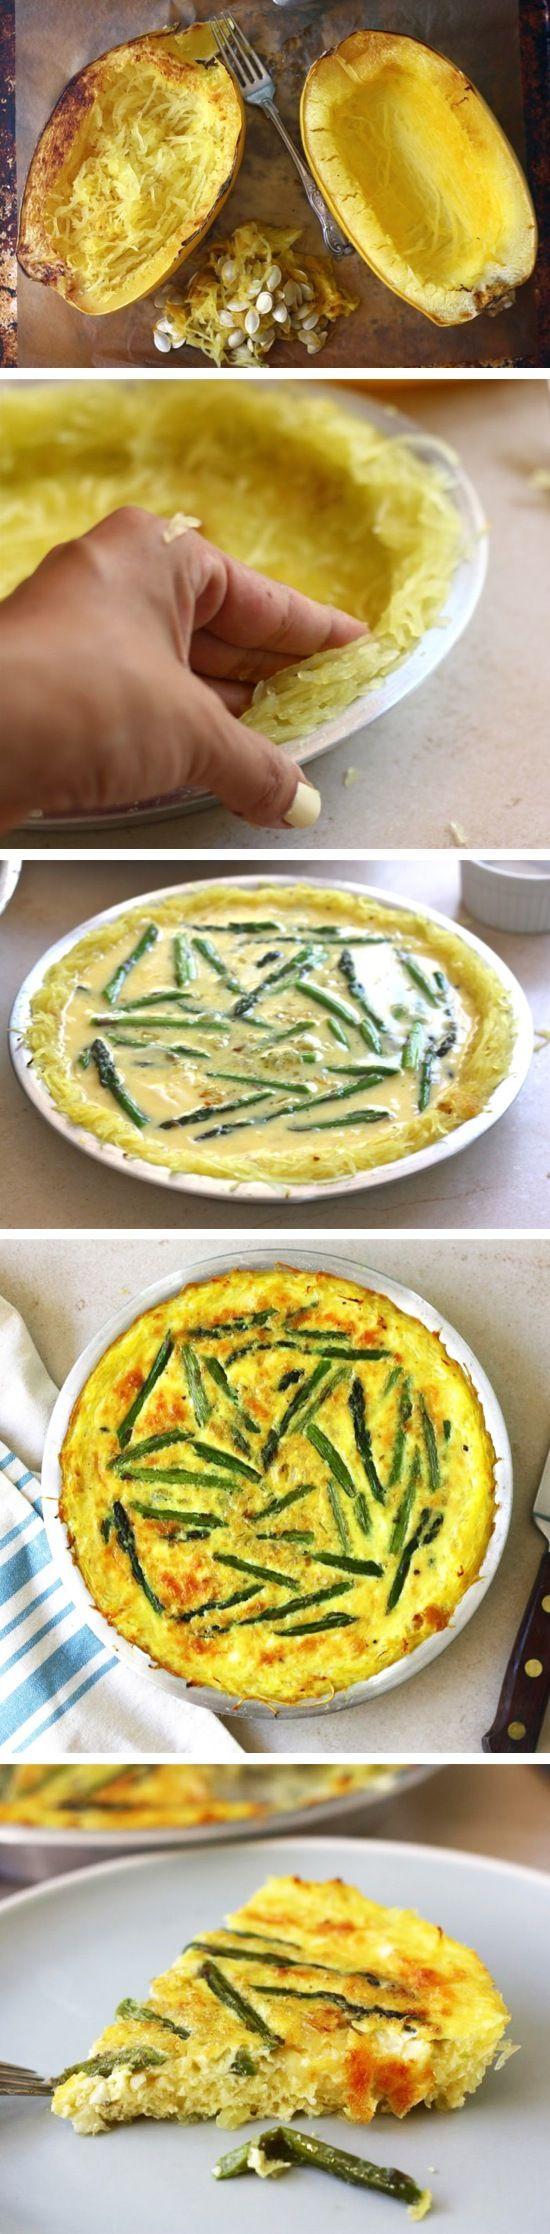 Espargos Quiche Receita - feita com cebolas caramelizadas, presunto, queijo azul, espinafre e batatas roxas vez